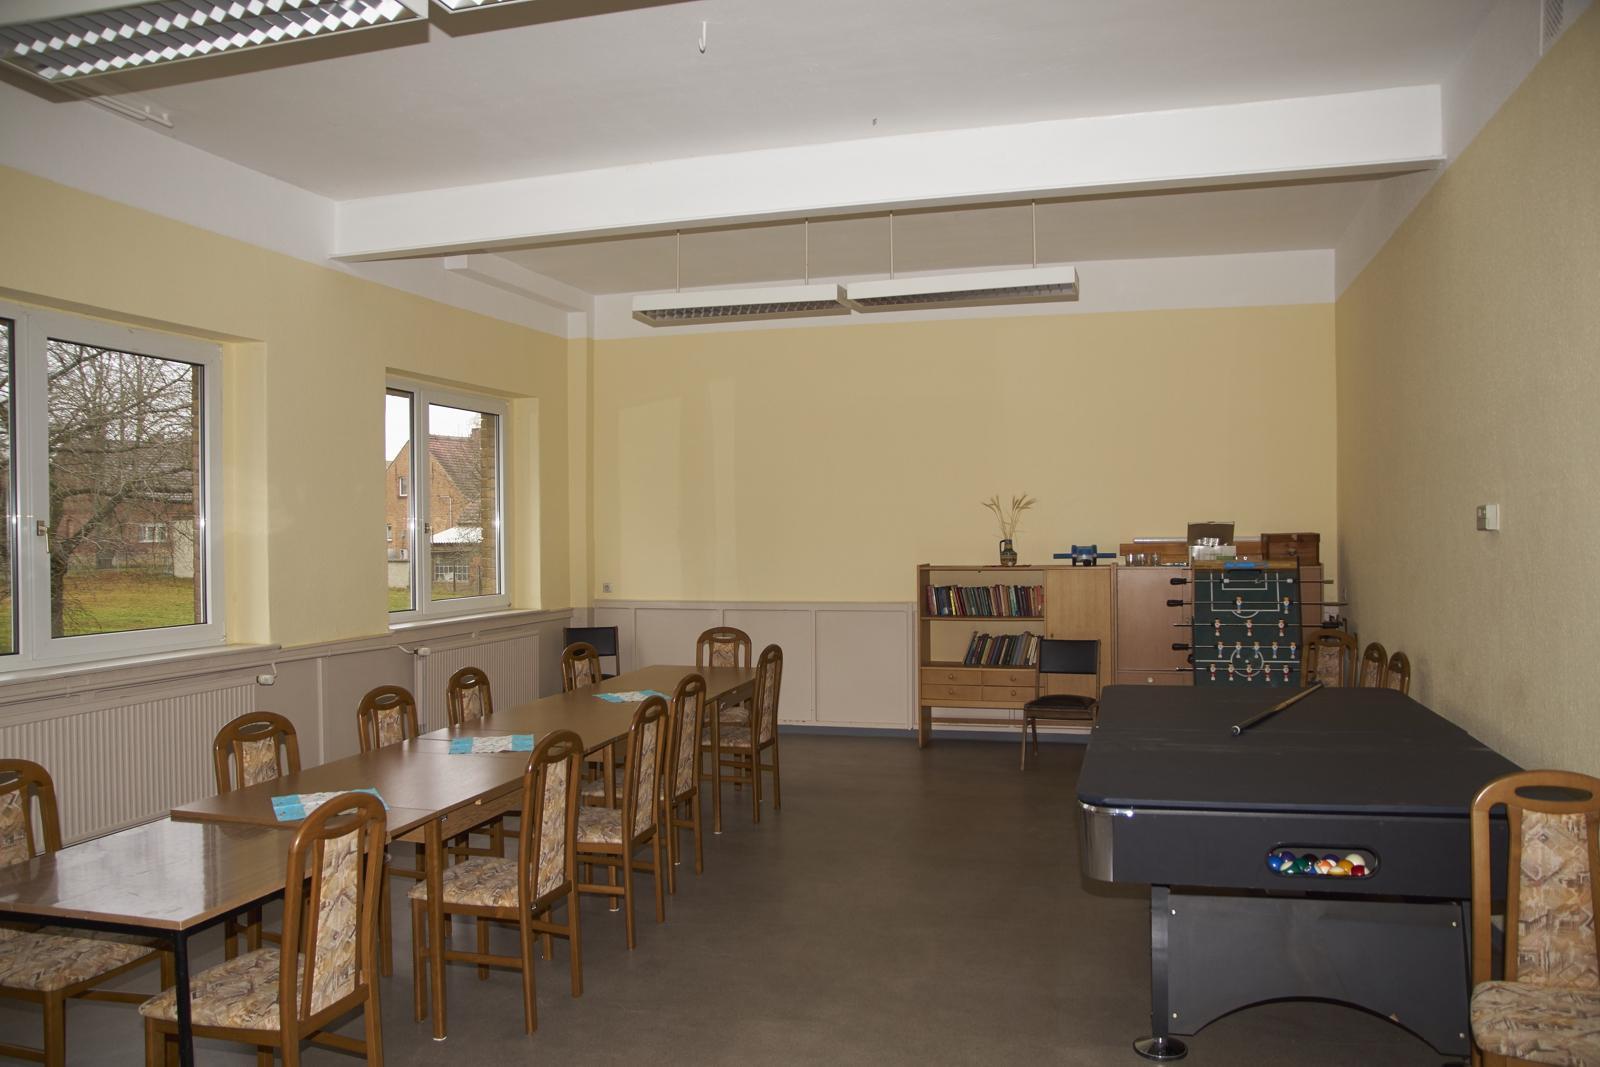 Gemeindezentrum Bronkow_019